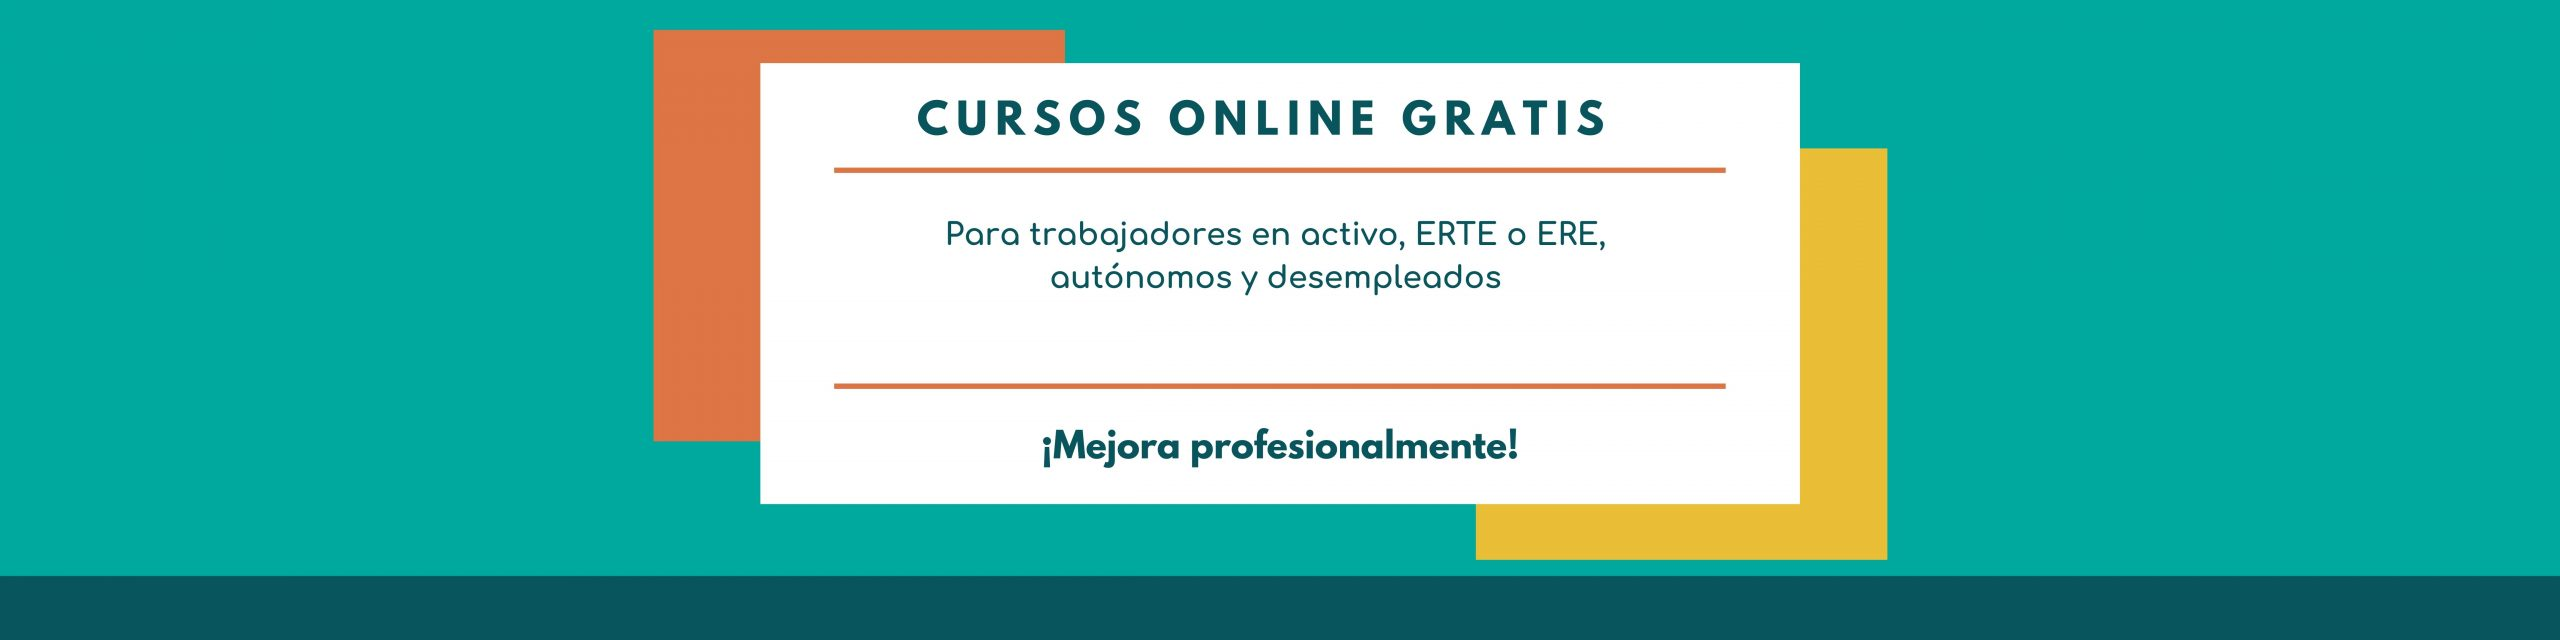 cursos online gratuitos especialidad del sepe